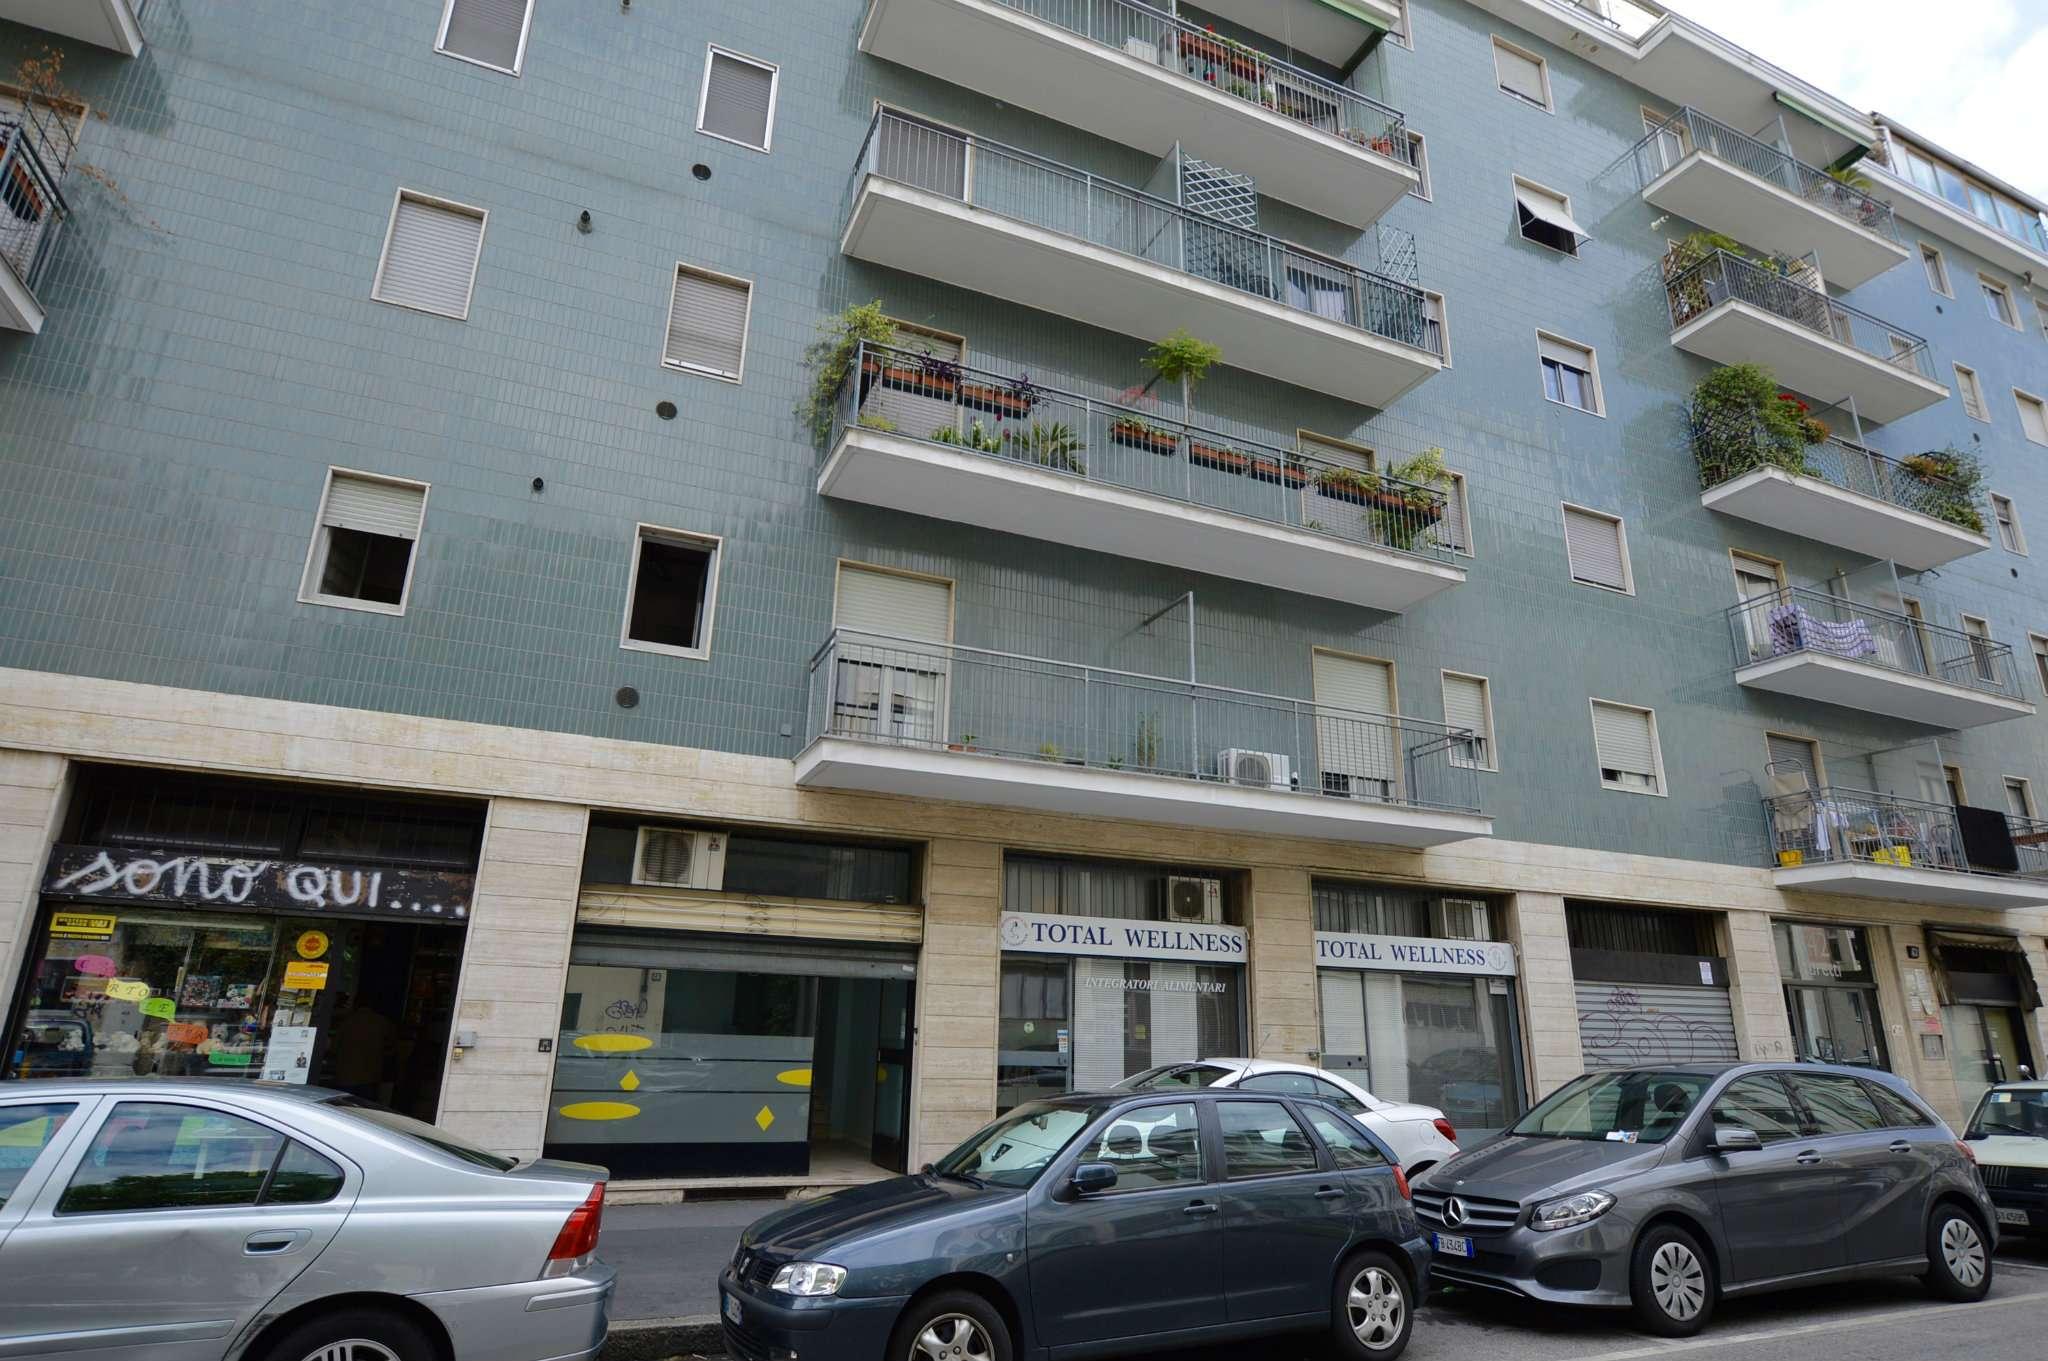 Immobile Commerciale in vendita a Milano (Centro direzionale, Greco, Zara, Maciachini)-http://media.getrix.it/1/5651/2573461849_hd.jpg